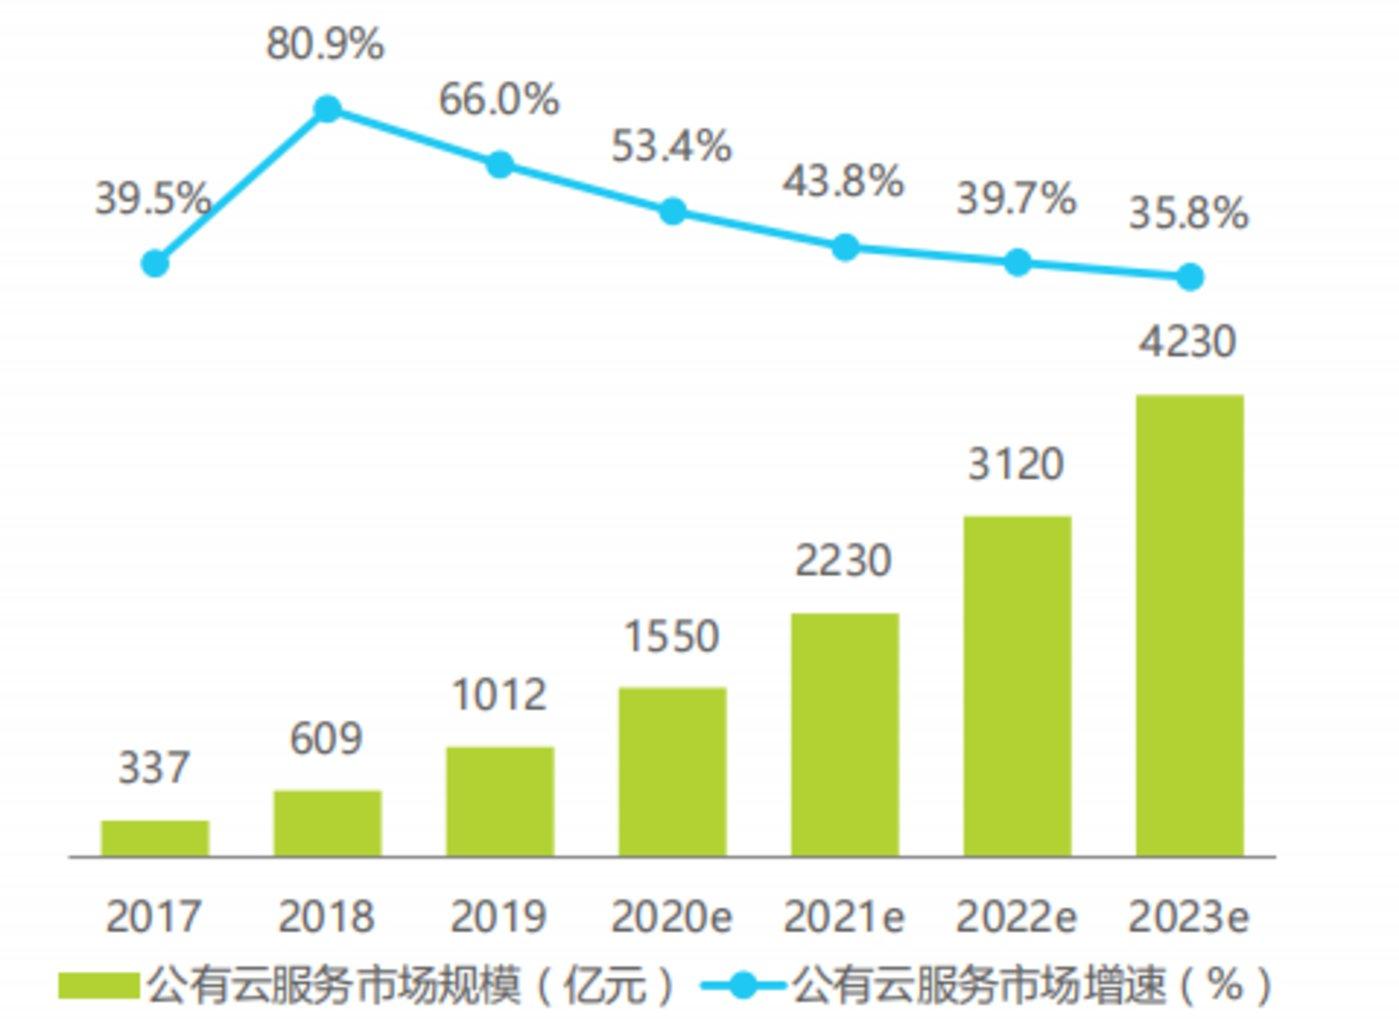 数据来源:《中国容器云市场研究报告》